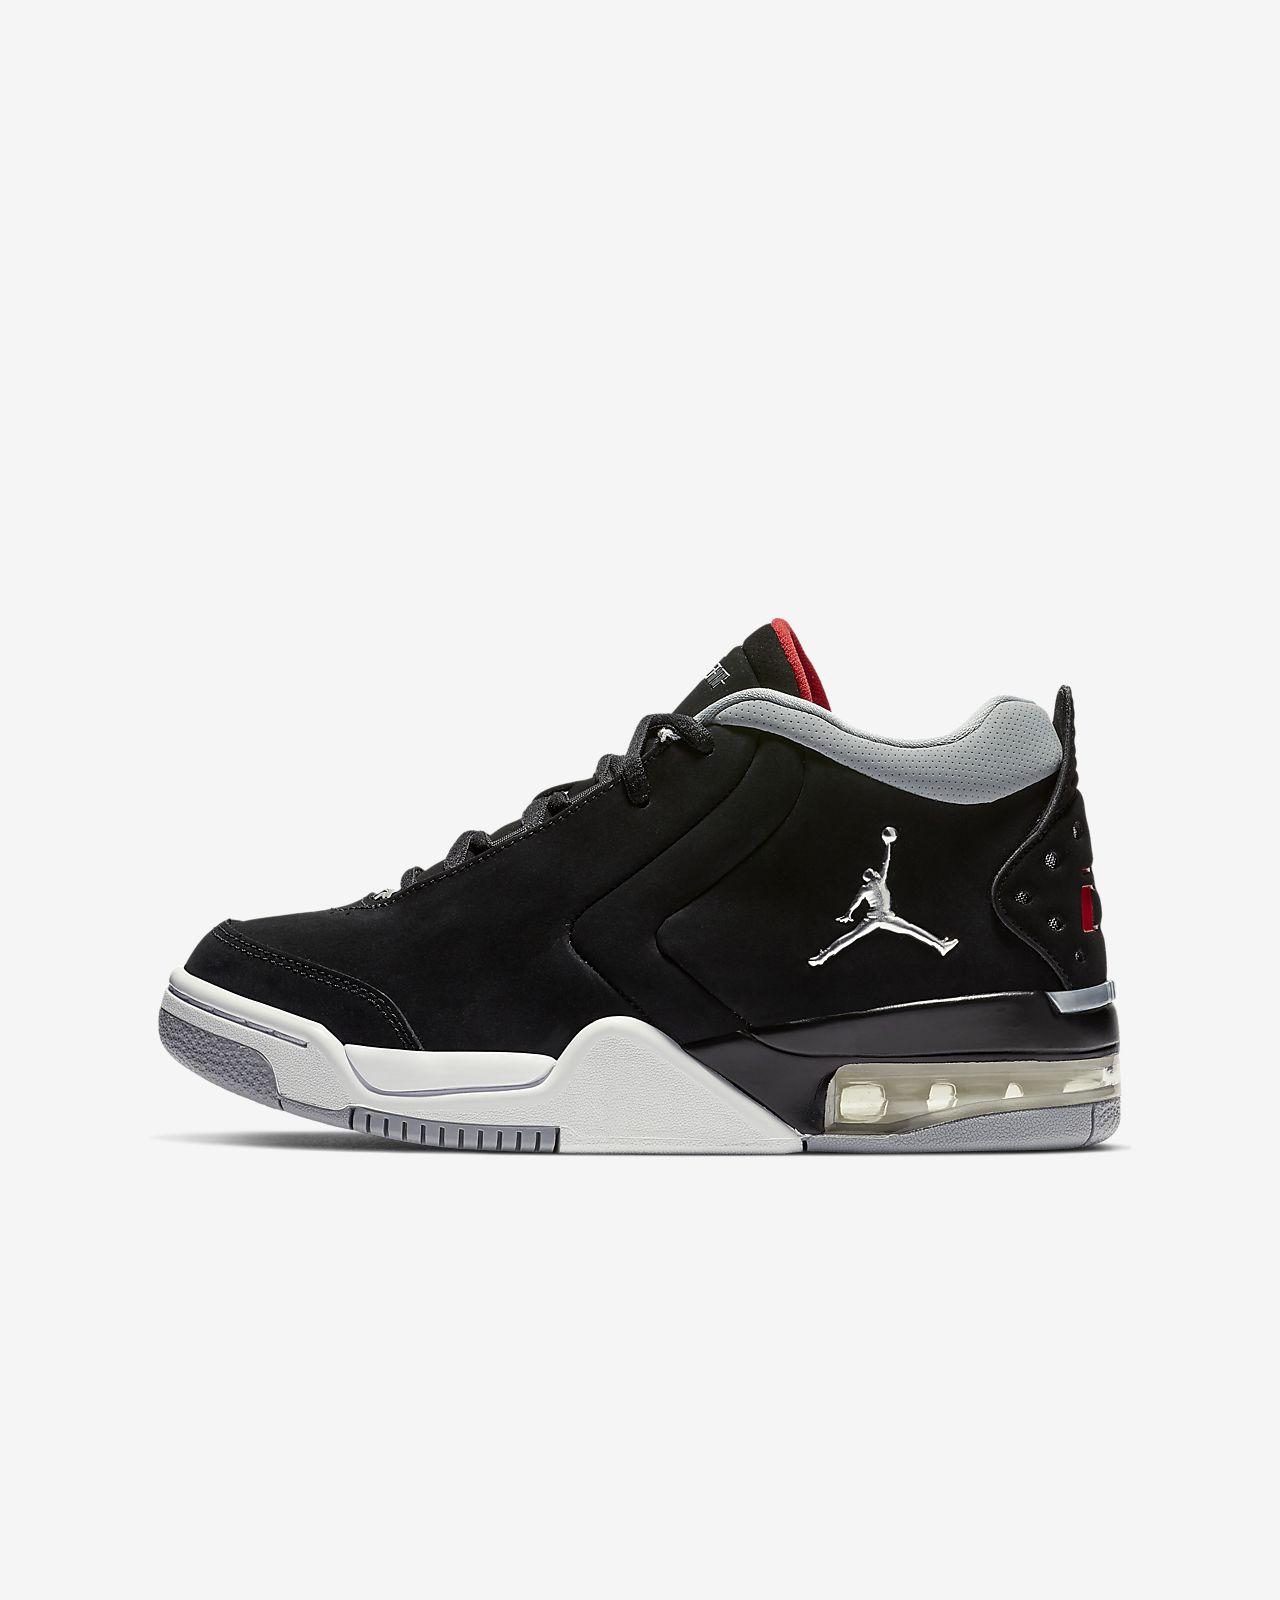 fd61e6a943c Calzado para niños talla grande Jordan Big Fund. Nike.com MX